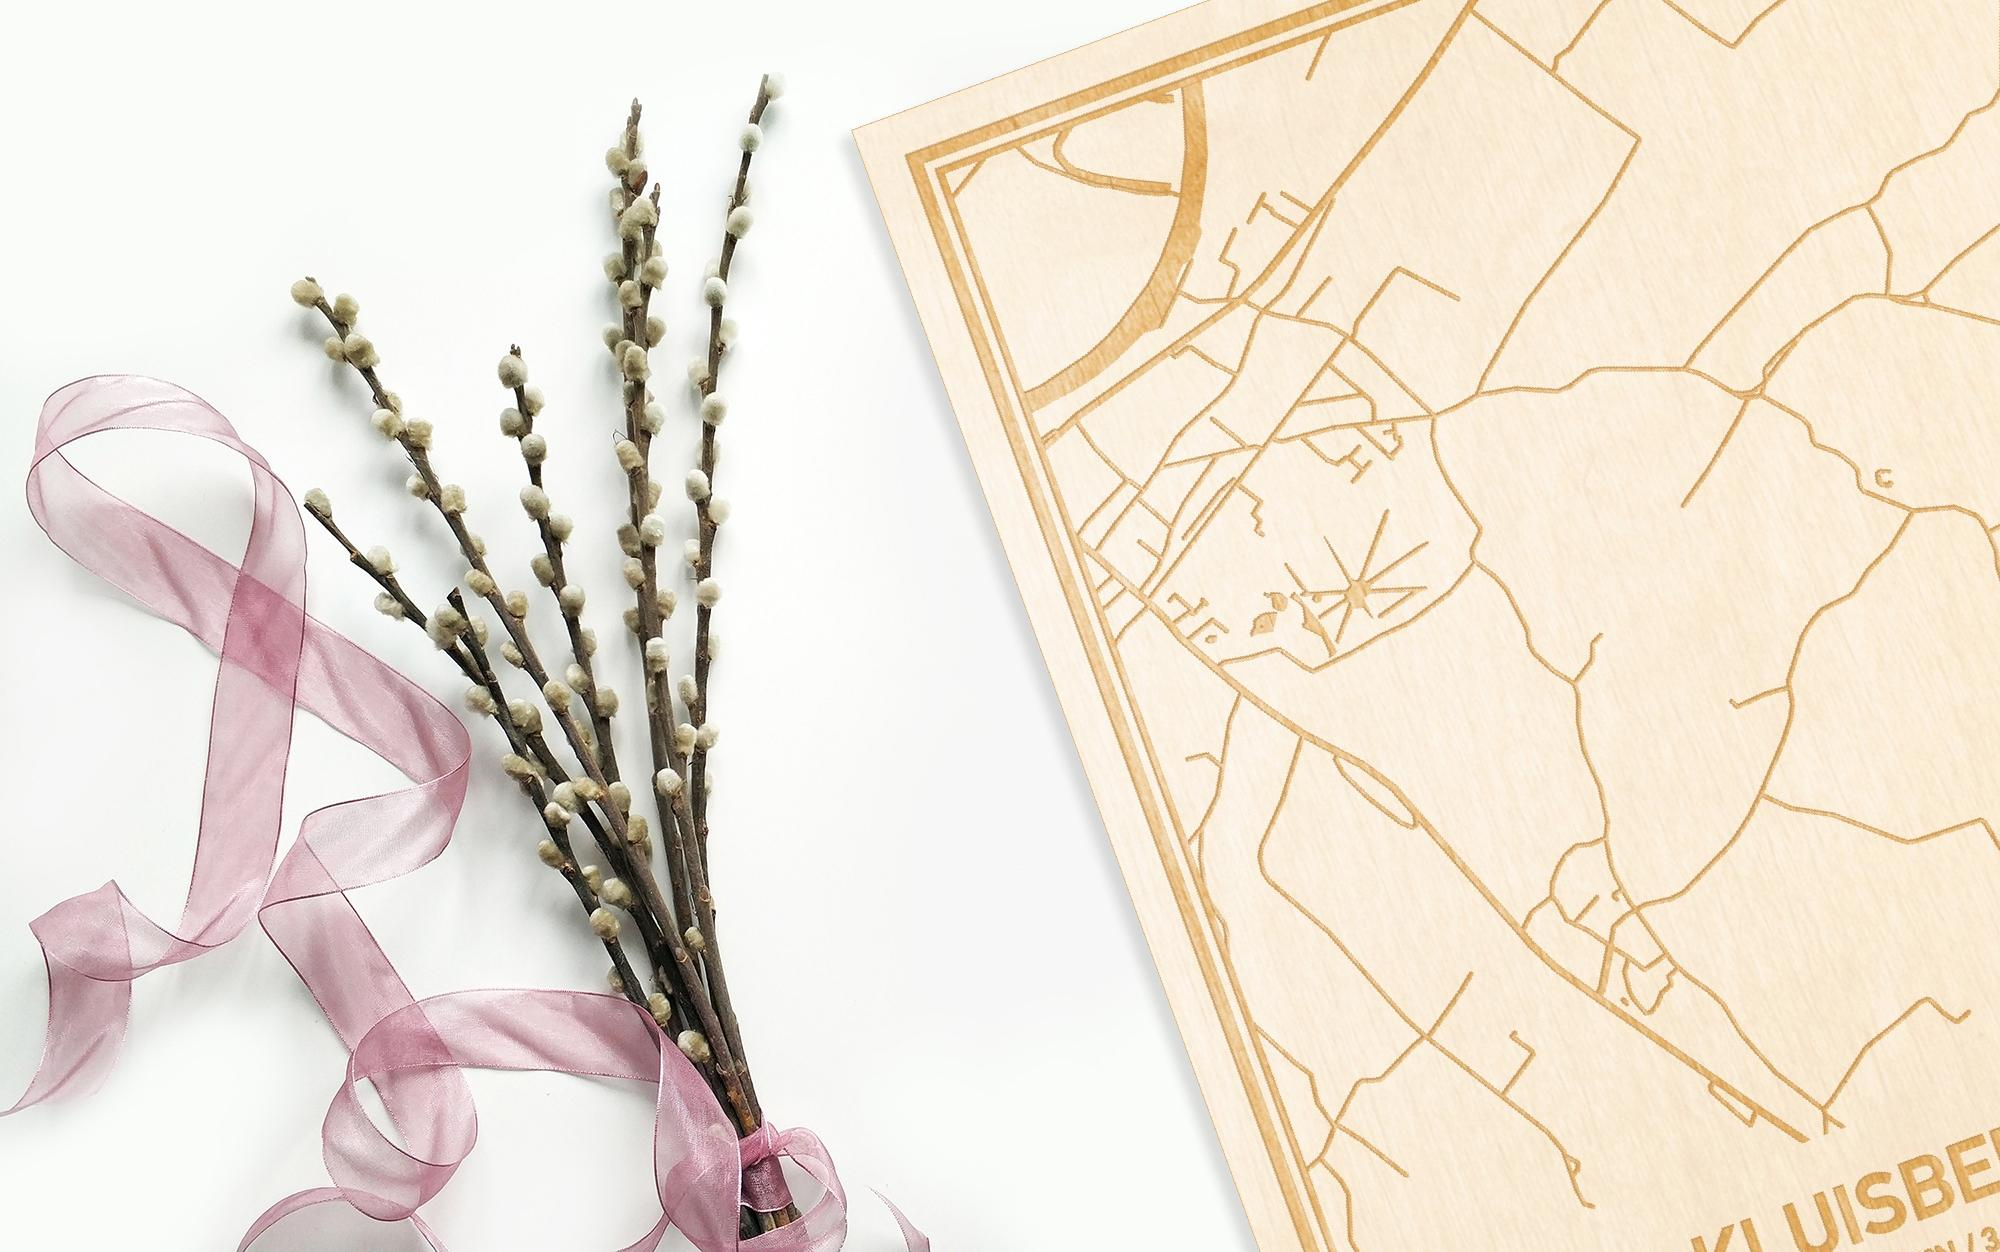 Hier ligt de houten plattegrond Kluisbergen naast een bloemetje als gepersonaliseerd cadeau voor haar.